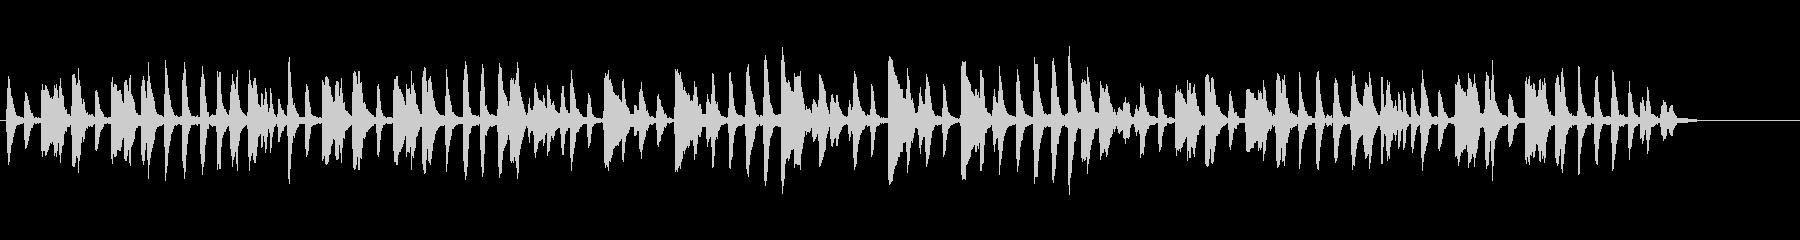 クラシックピアノ「木の兵隊」の未再生の波形